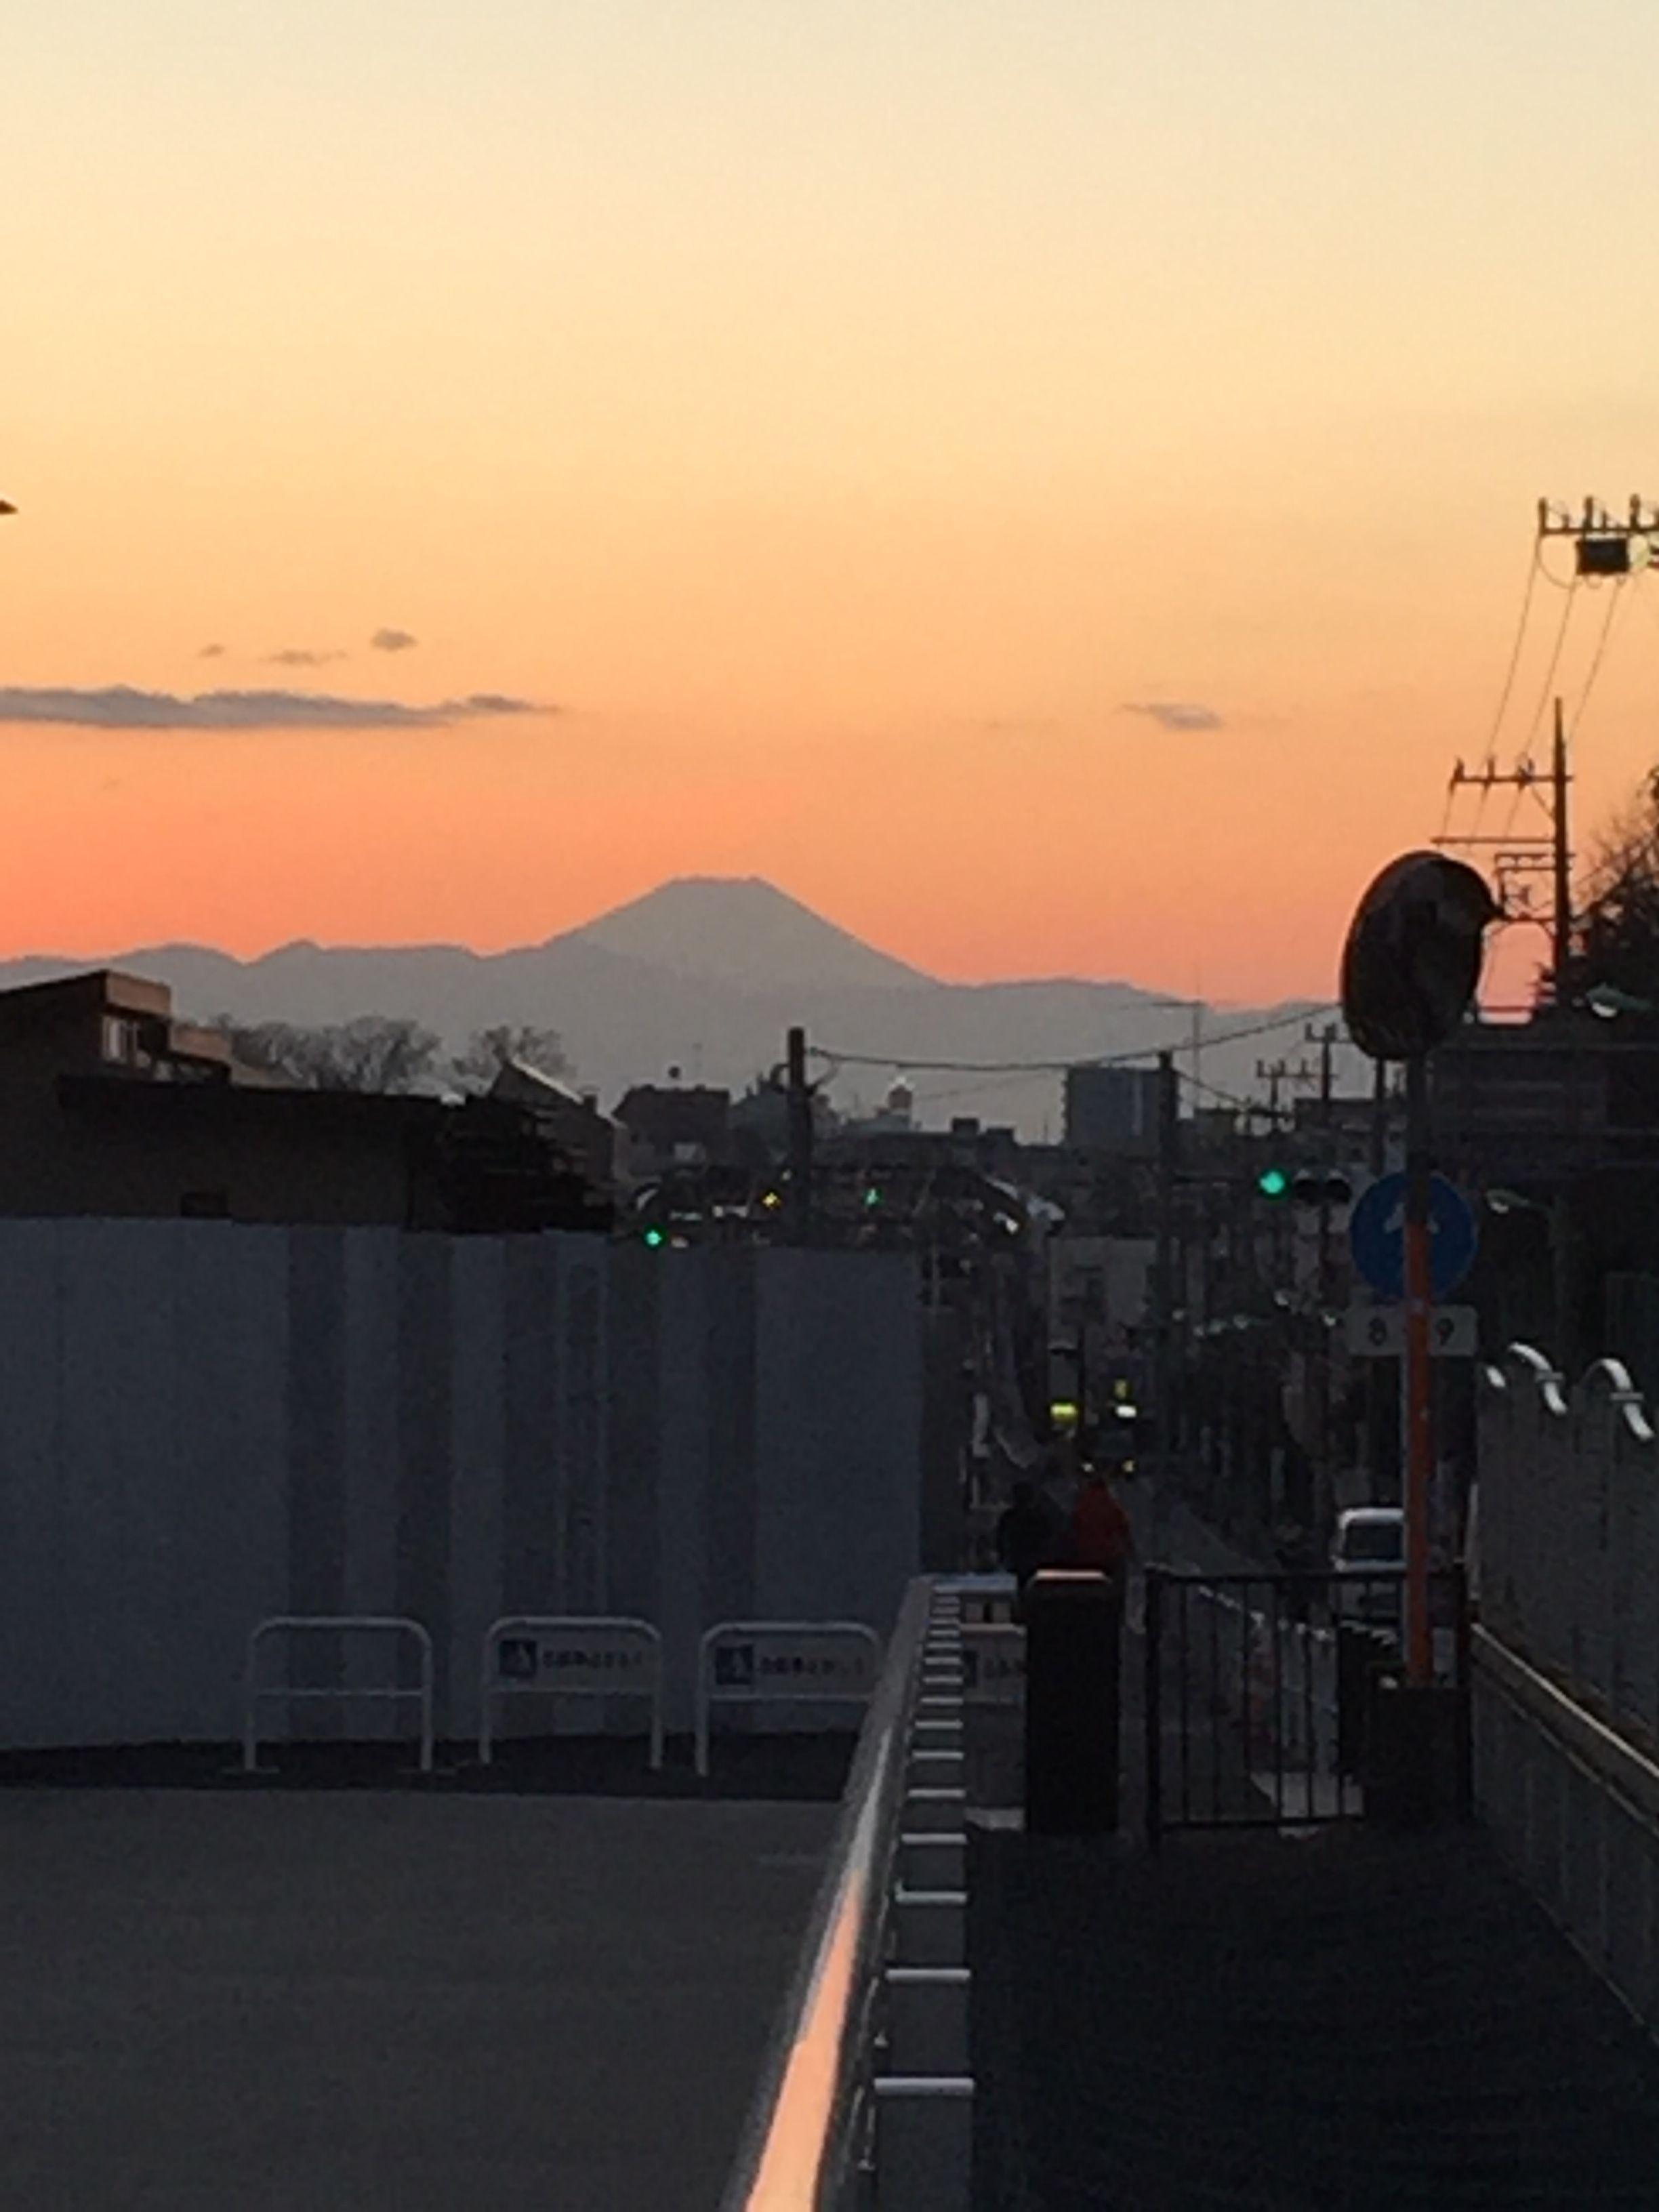 世田谷代田駅前から見る、夕焼け富士